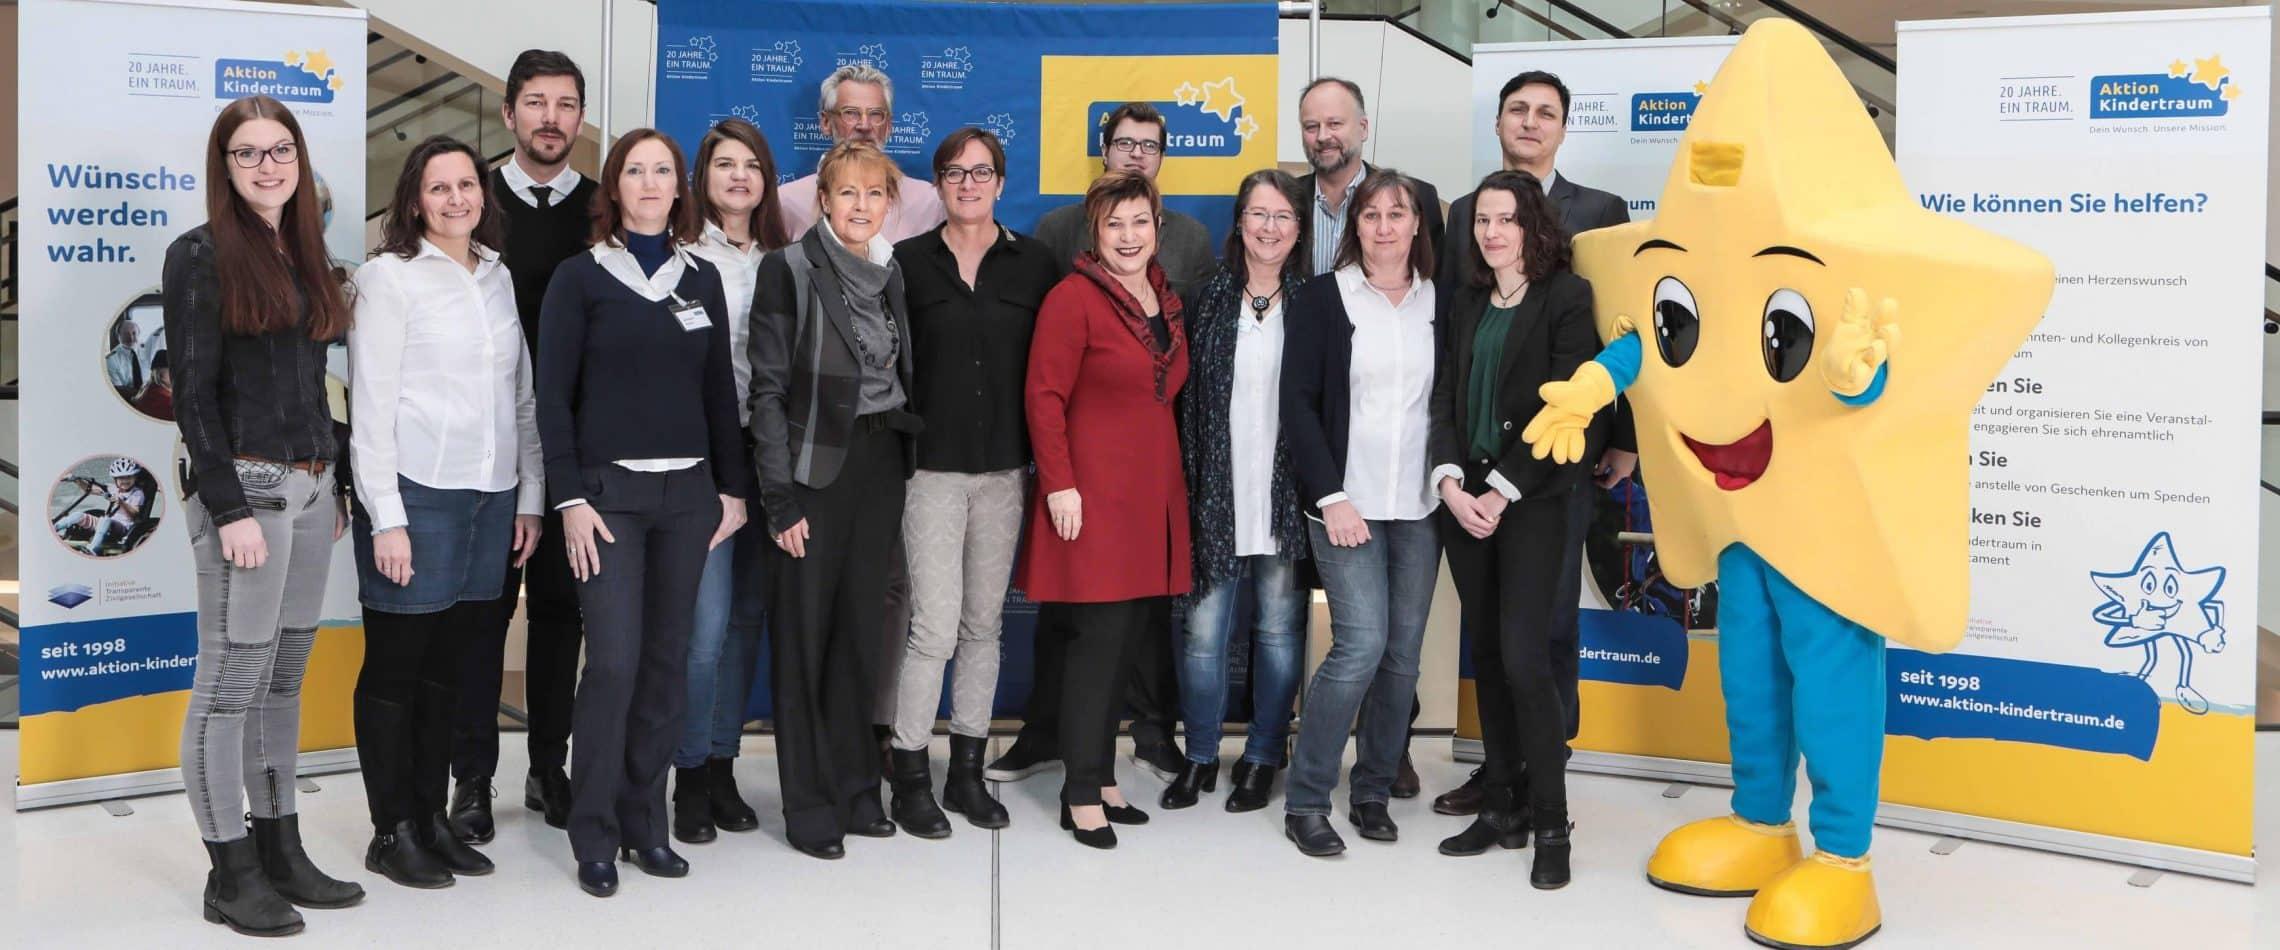 Style Hannover AktionKindertraum TeamA - Aktion Kindertraum erfüllte schon mehr als 2.500 Wünsche